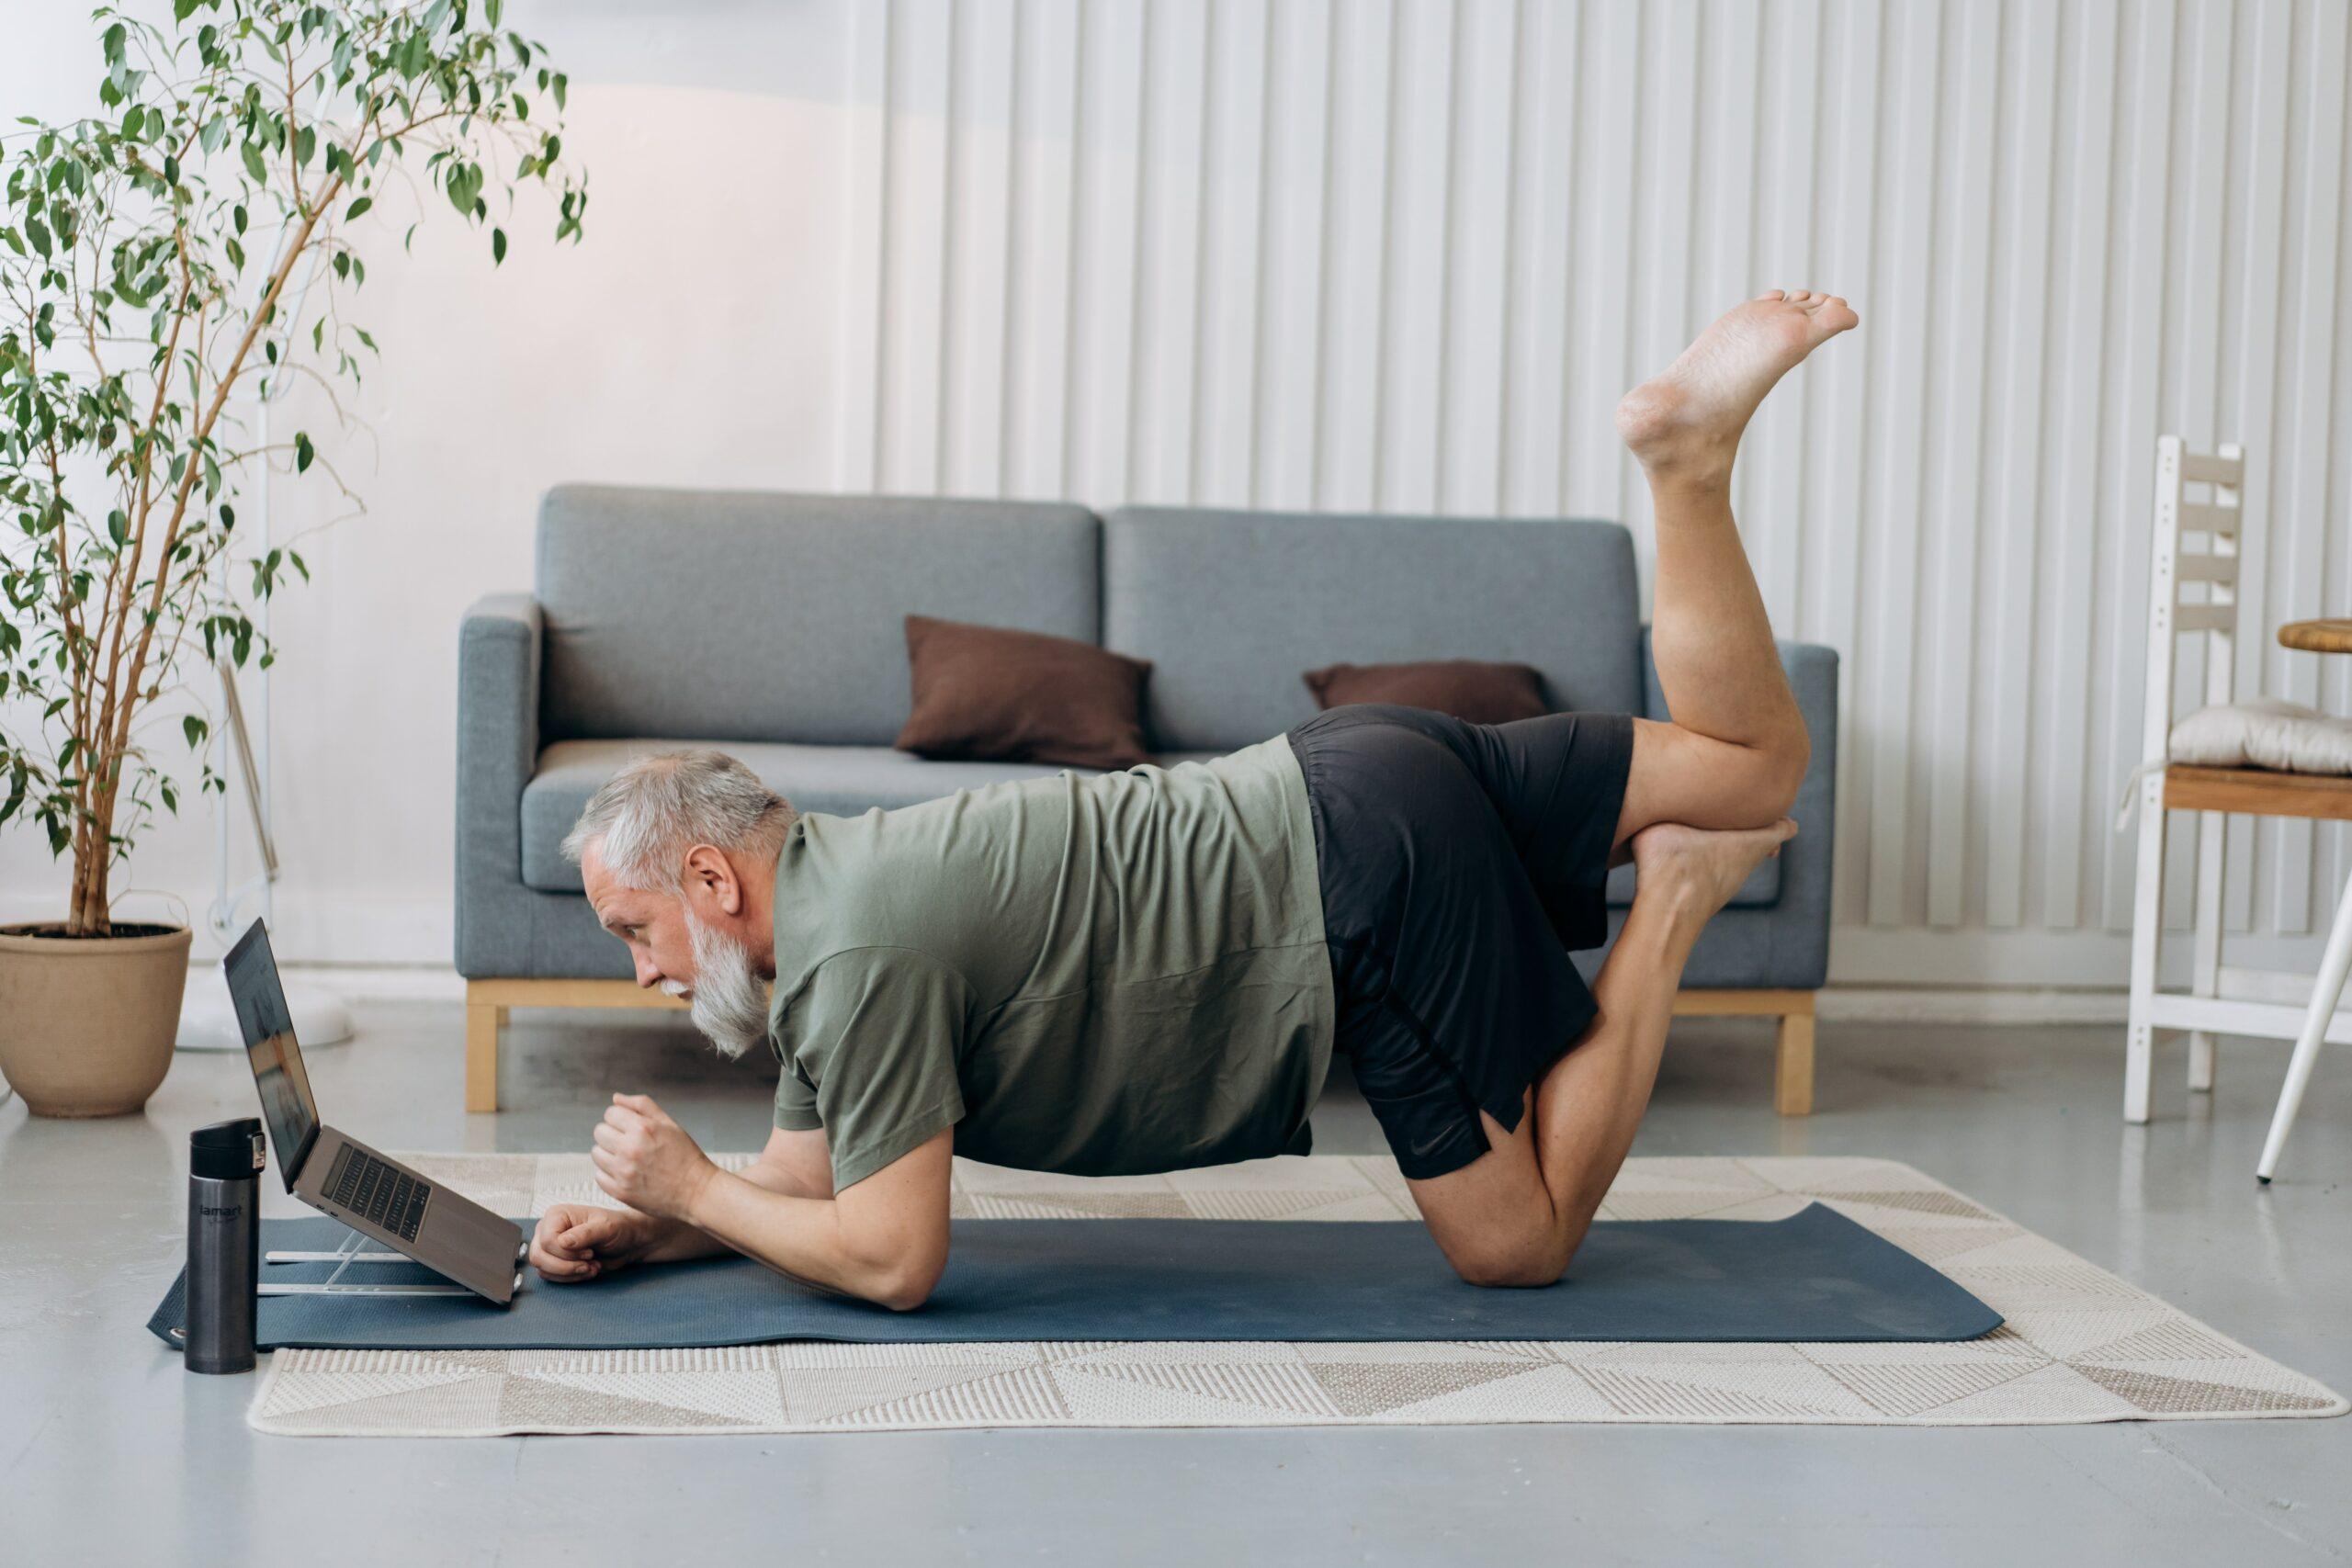 Mann macht Sport zu Hause vor dem Laptop